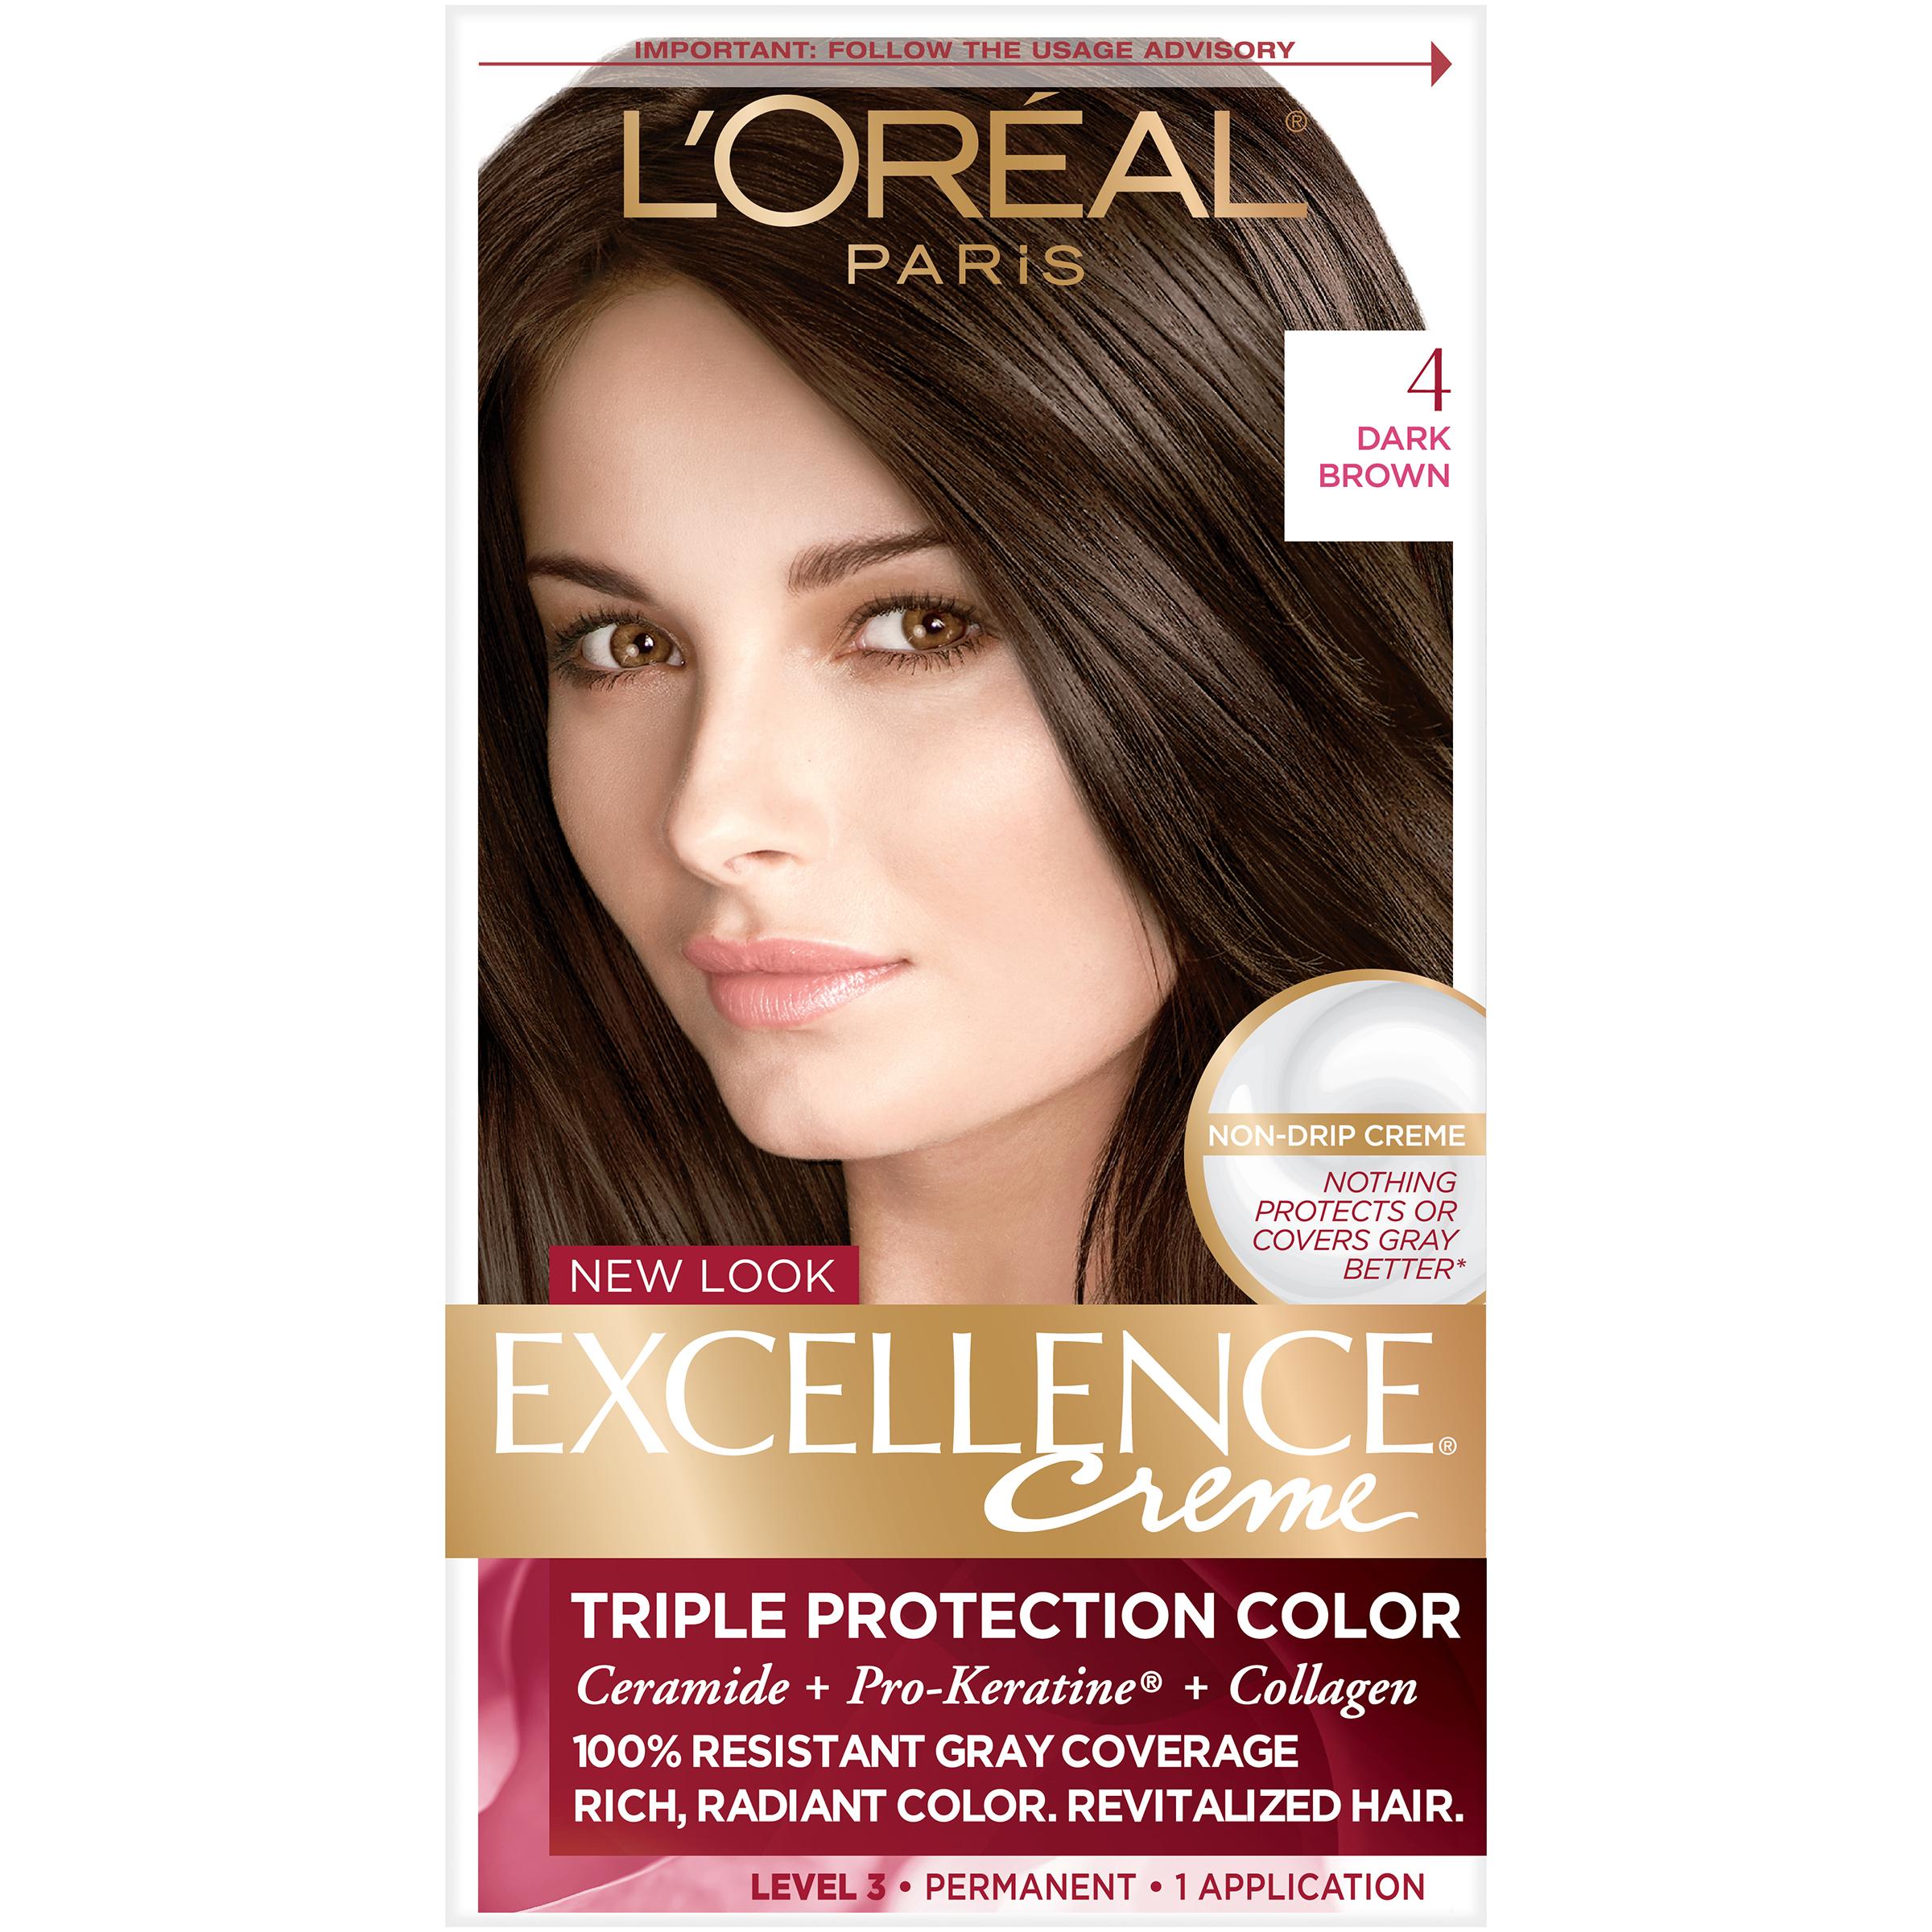 L Oreal Paris Excellence Creme Permanent Hair Color